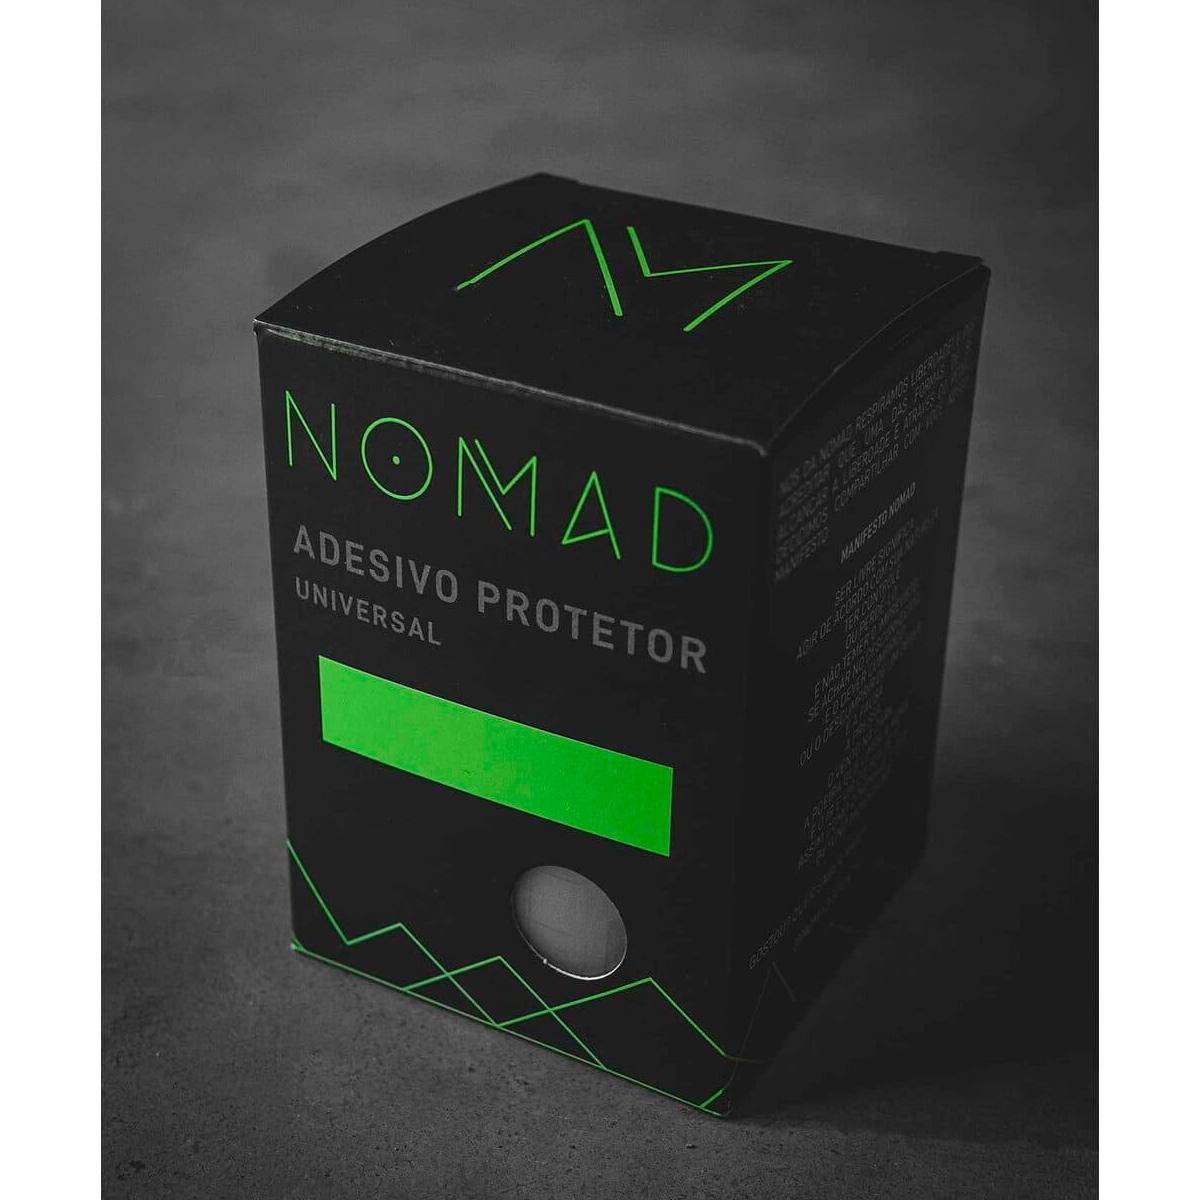 Adesivo de Proteção Nomad para Quadro + Balança Transparente